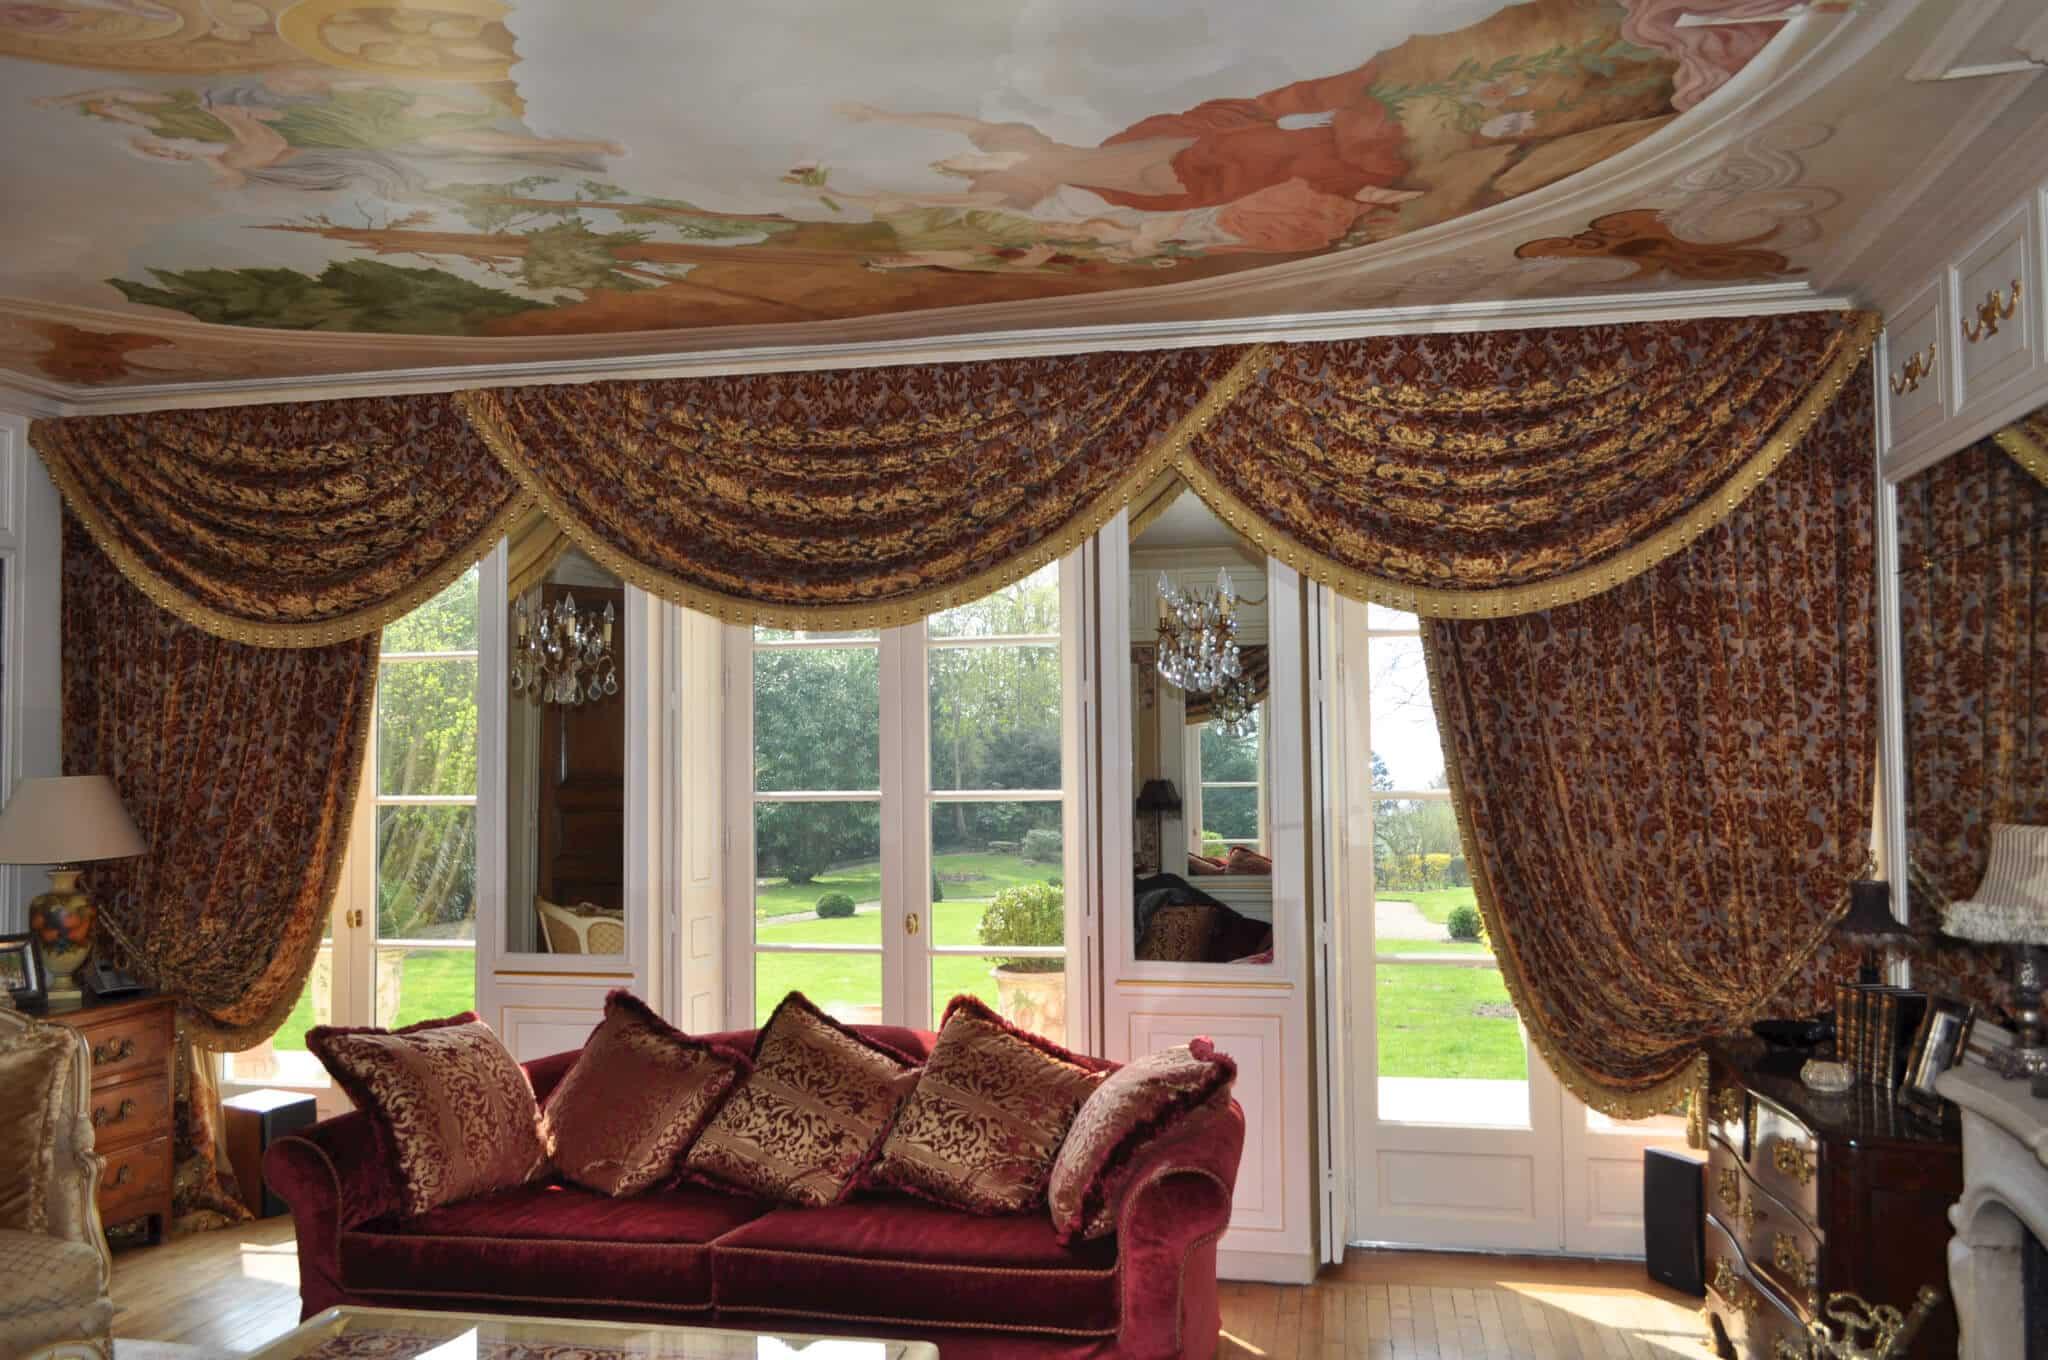 Canap et rideaux festons atelier secrea - Rideaux style anglais ...